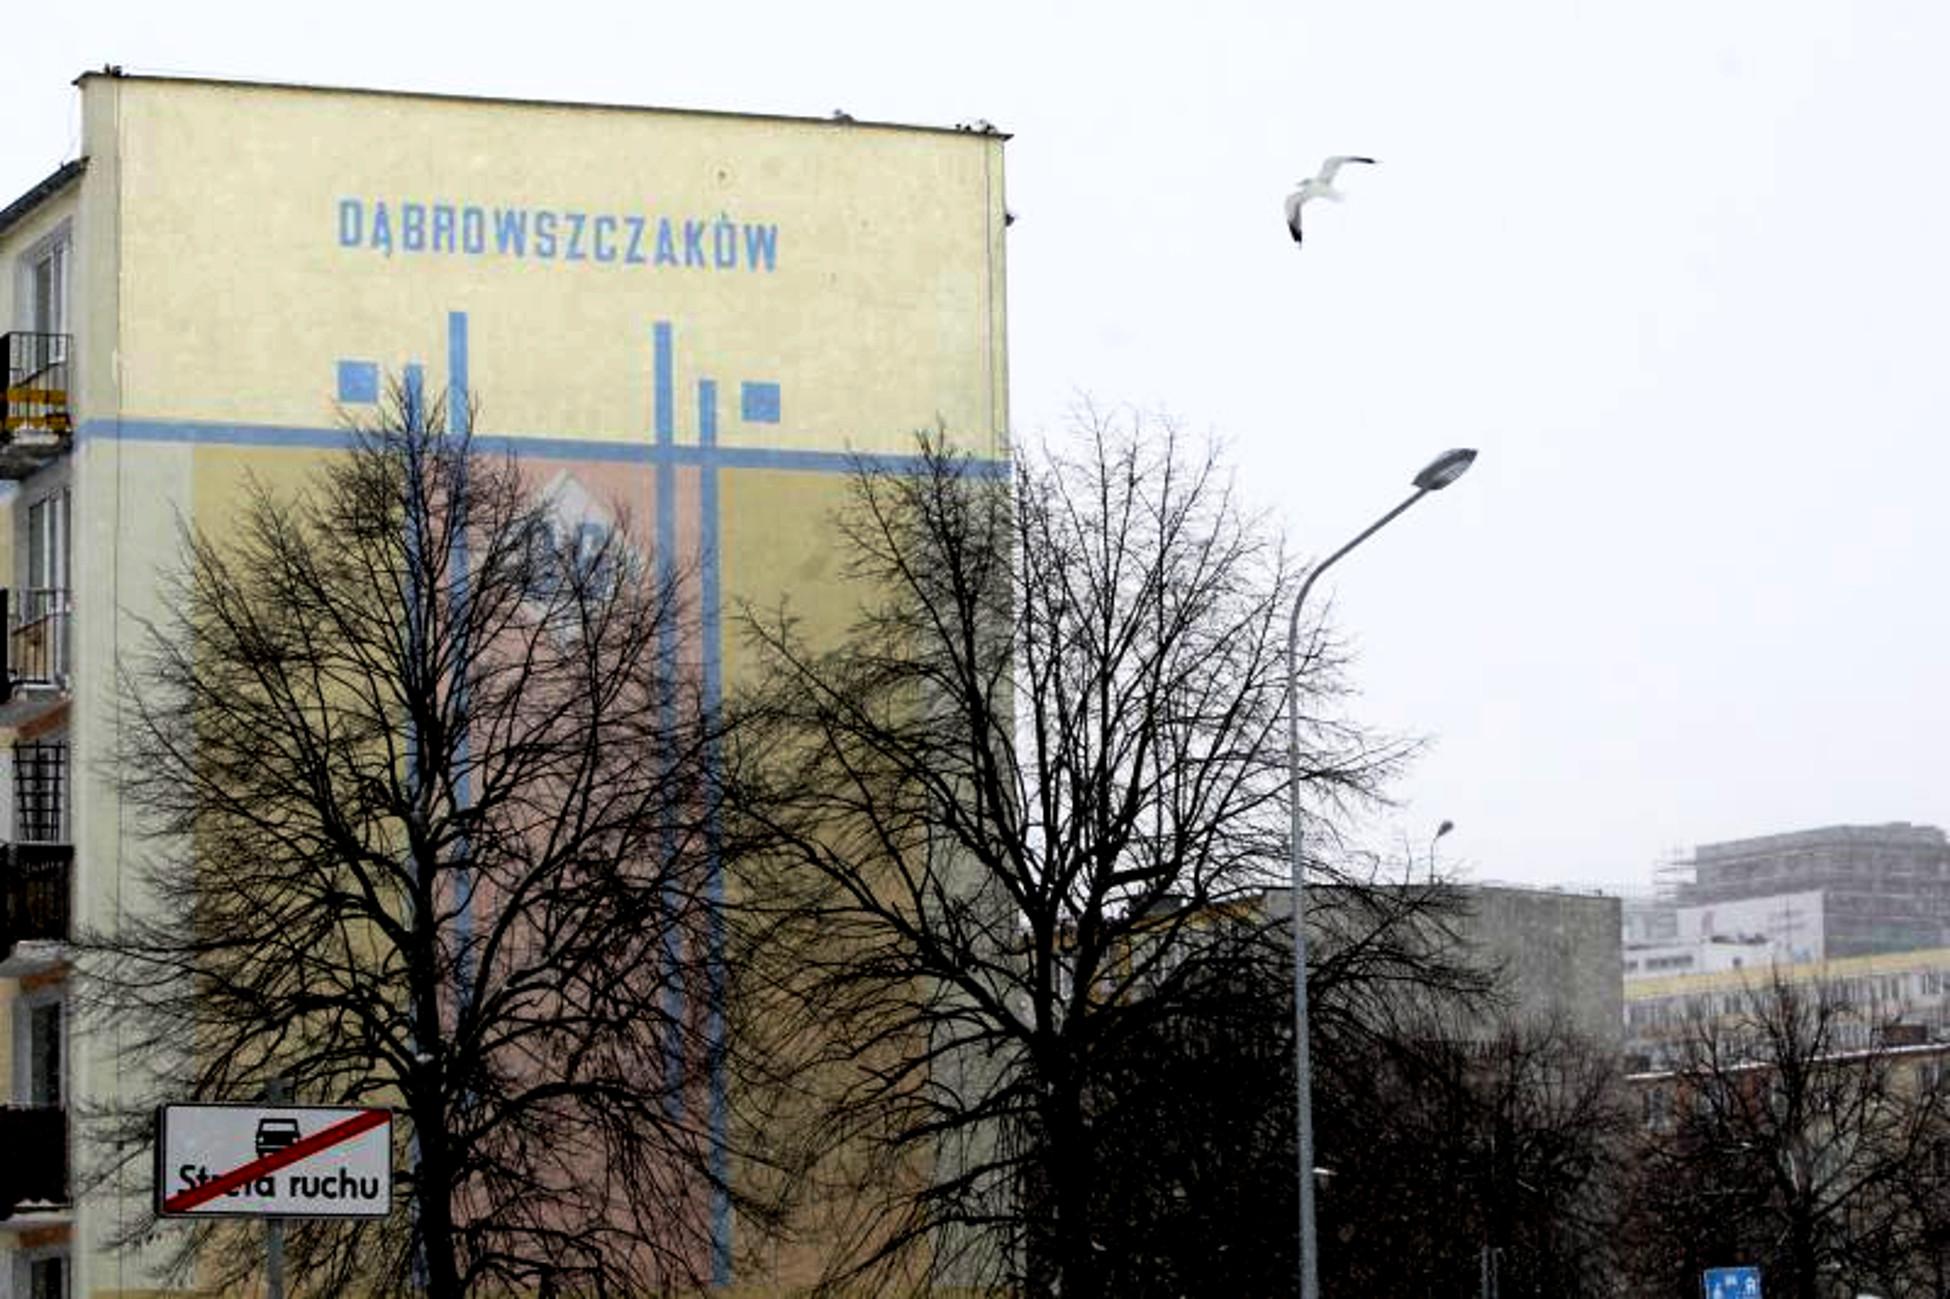 Wojewoda zmienia nazwy ulic w Gdańsku. Lech Kaczyński zastąpi Dąbrowszczaków